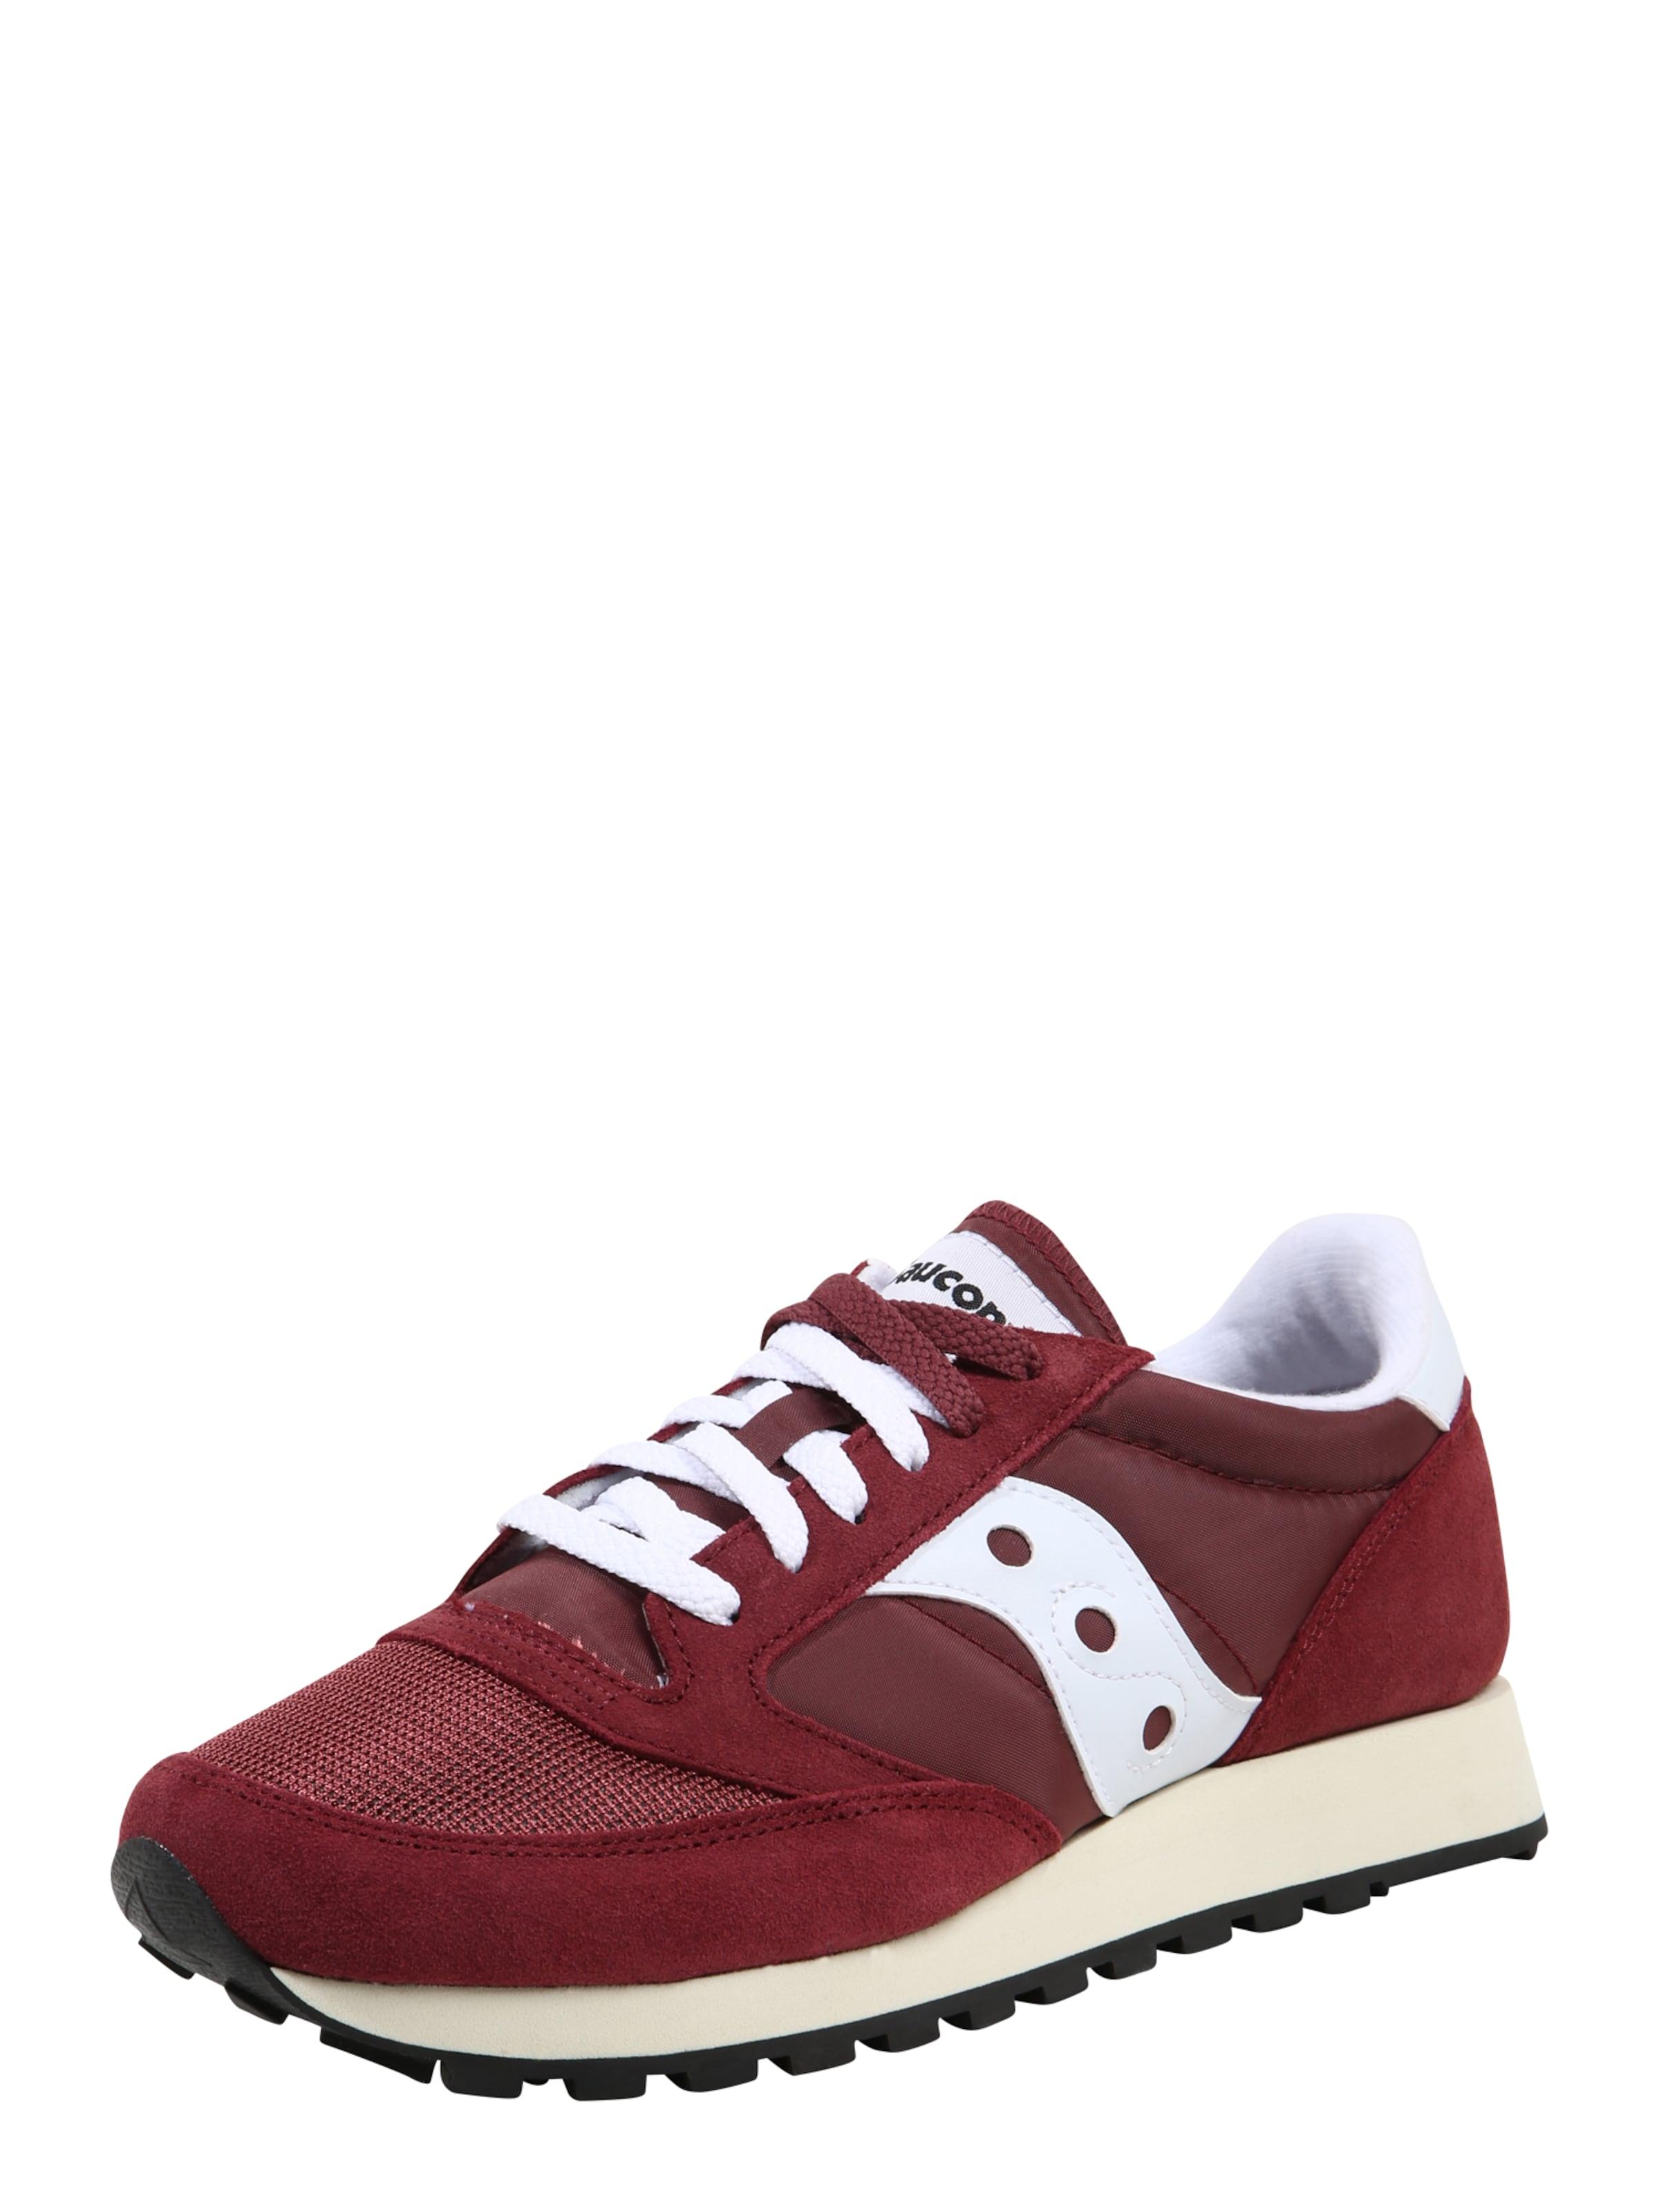 saucony Sneakers JAZZ ORIGINAL VINTAGE Hohe Qualität